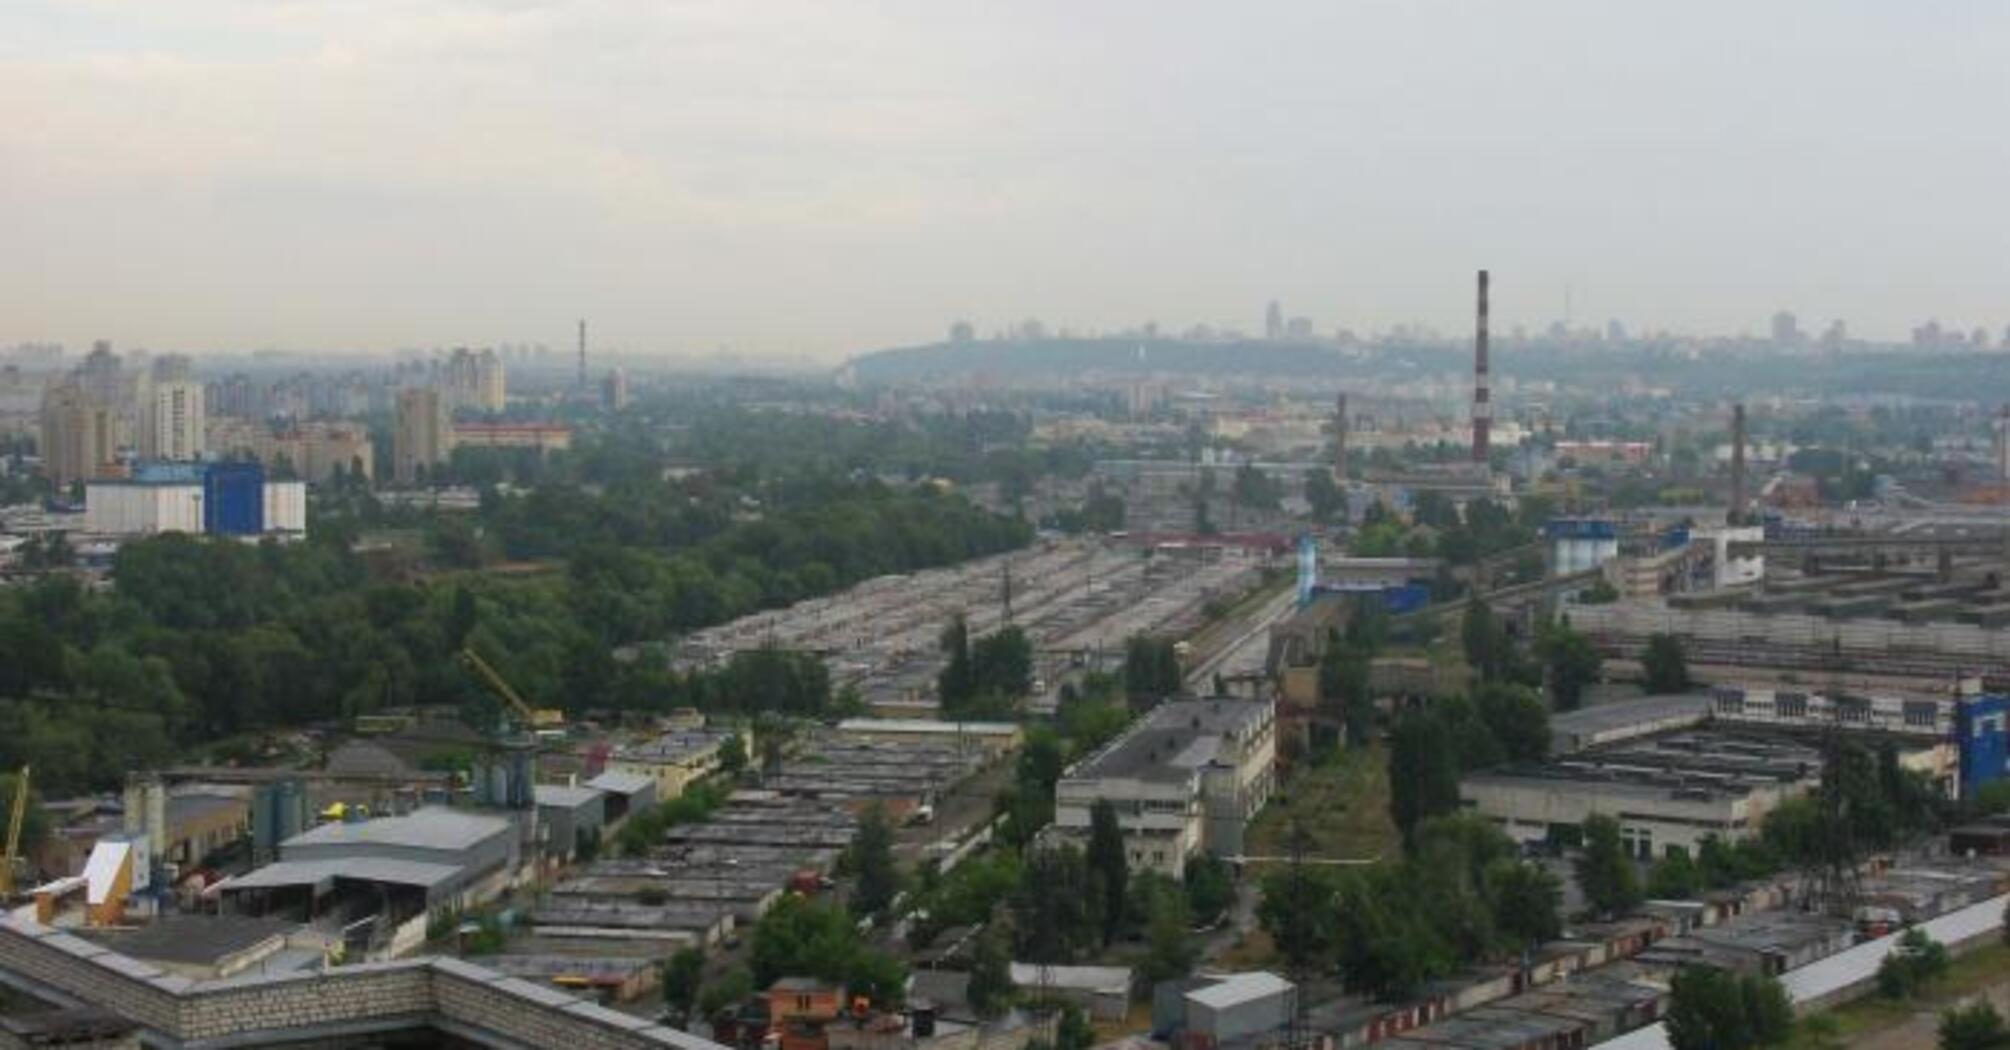 КМДА дозволила реконструкцію будівель заводу залізобетонних виробів на Куренівці